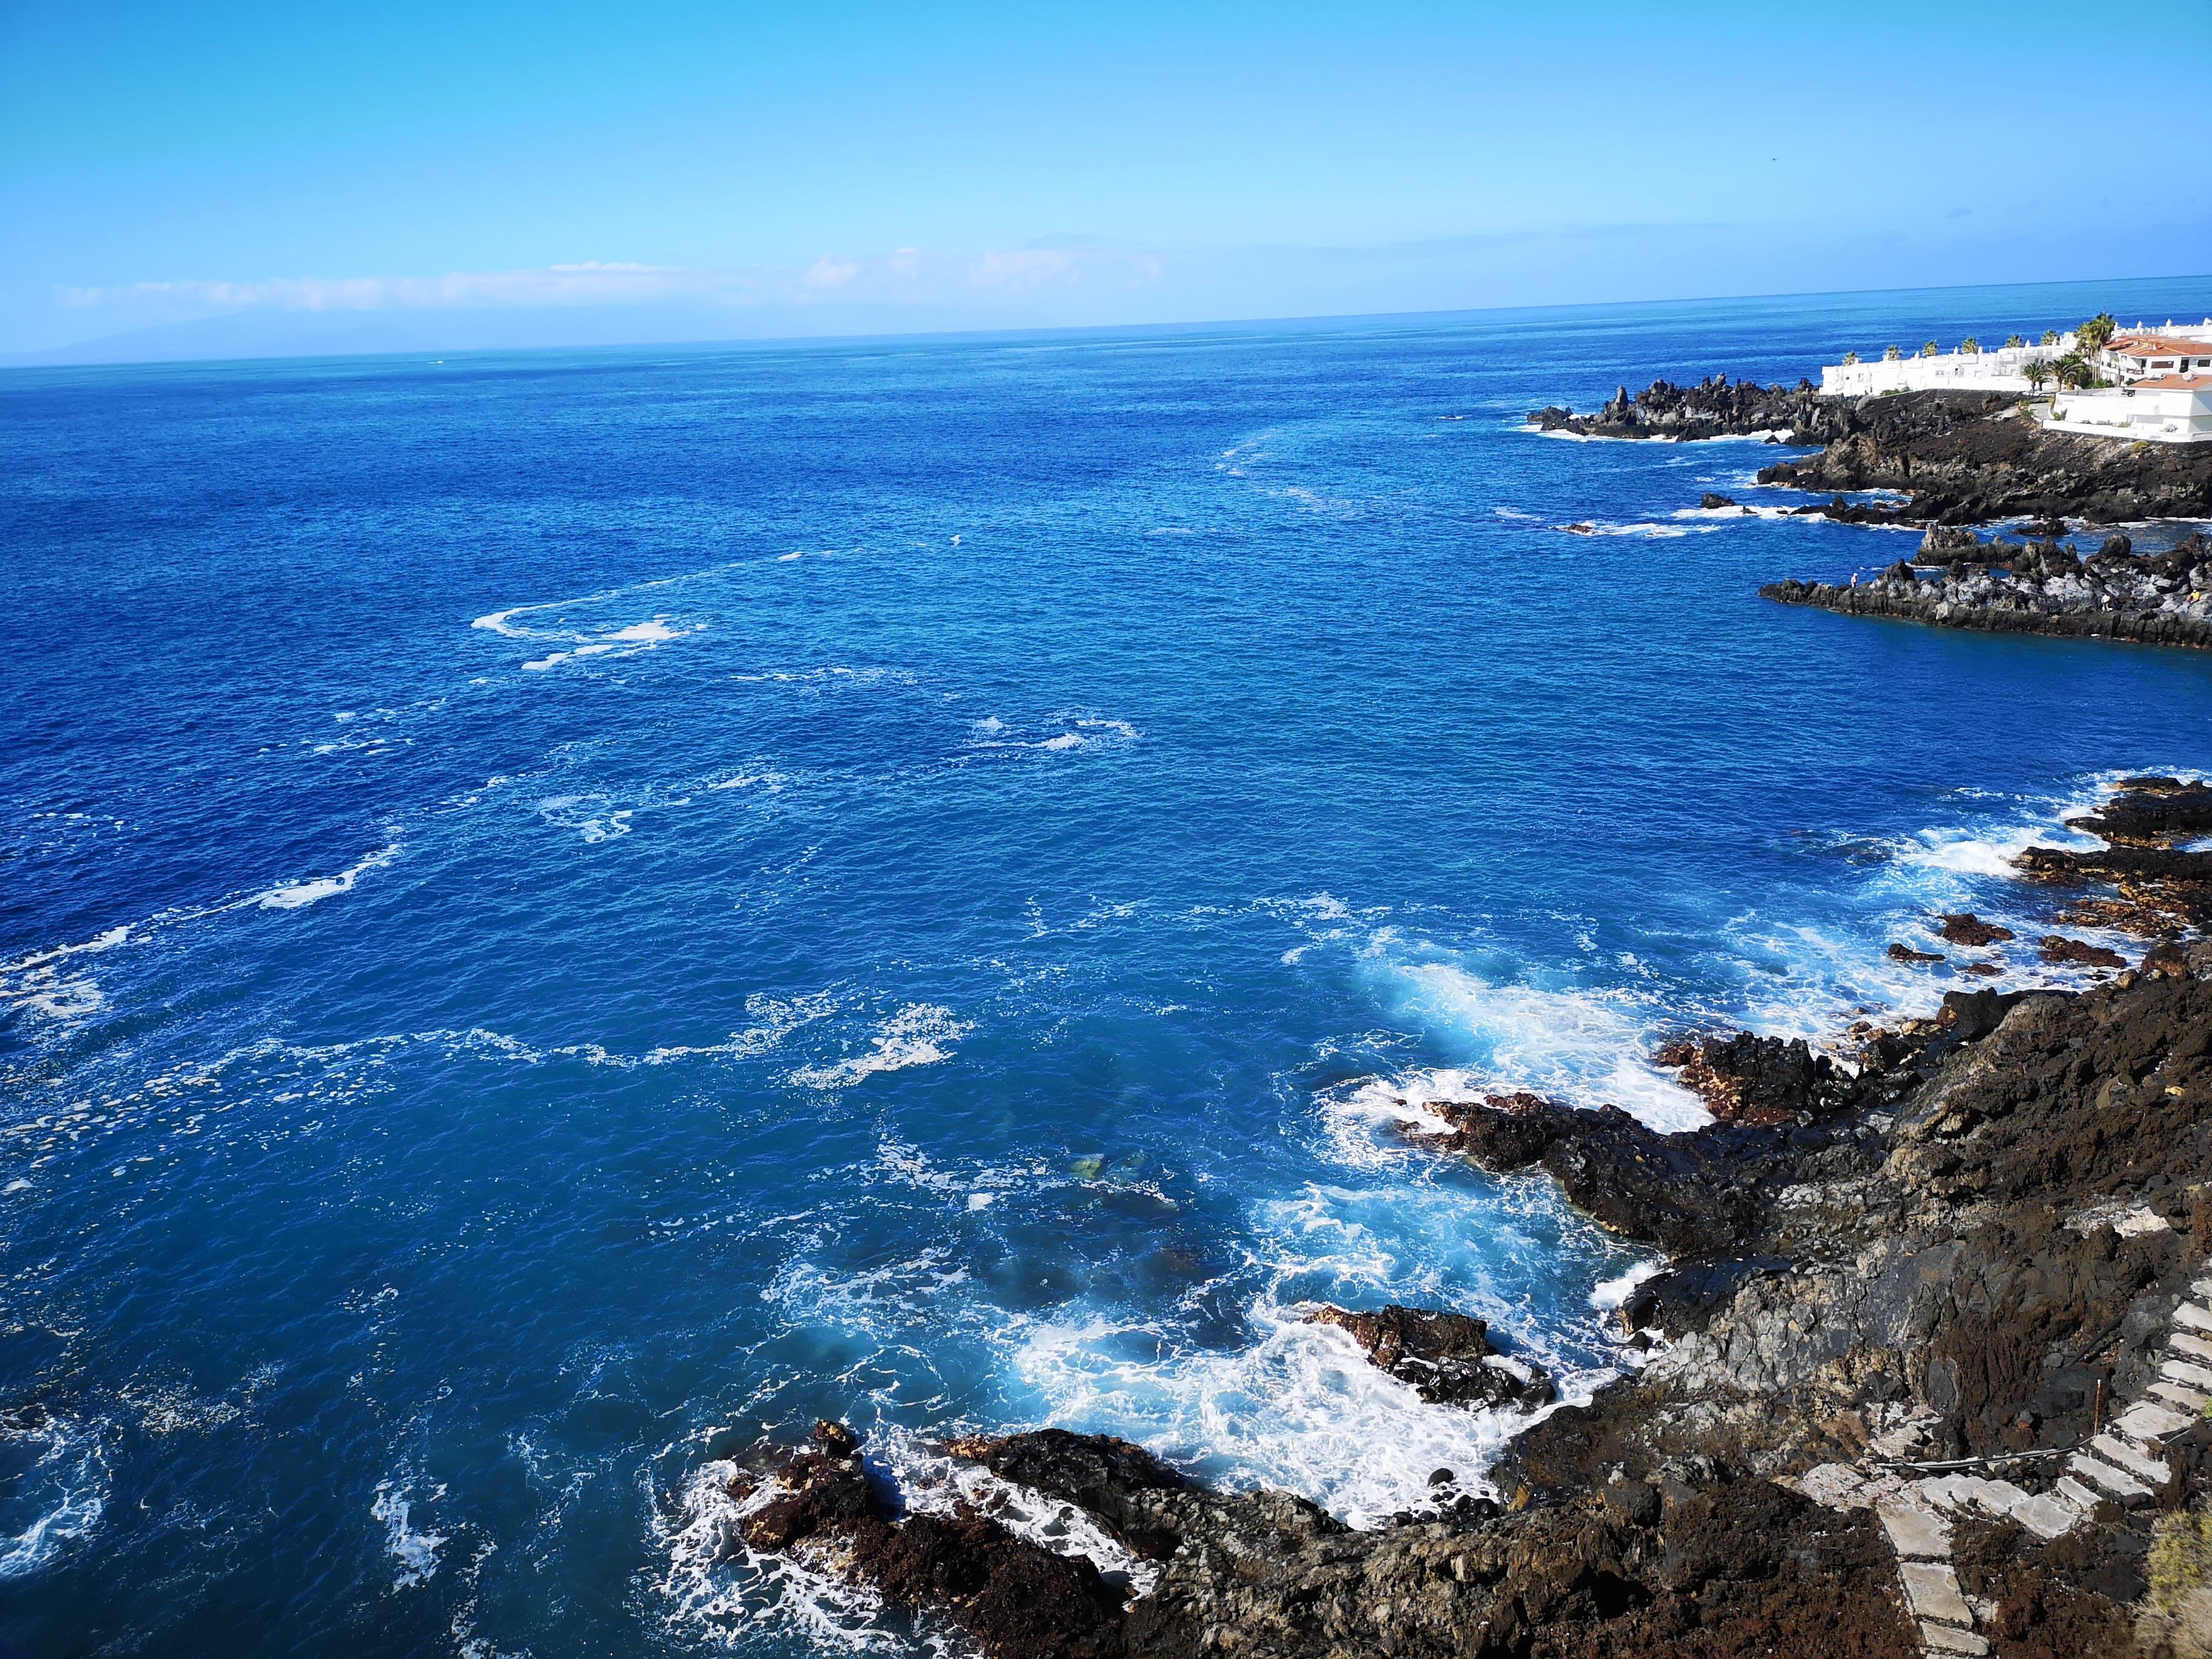 Teneryfa, La Gomera, La Palma